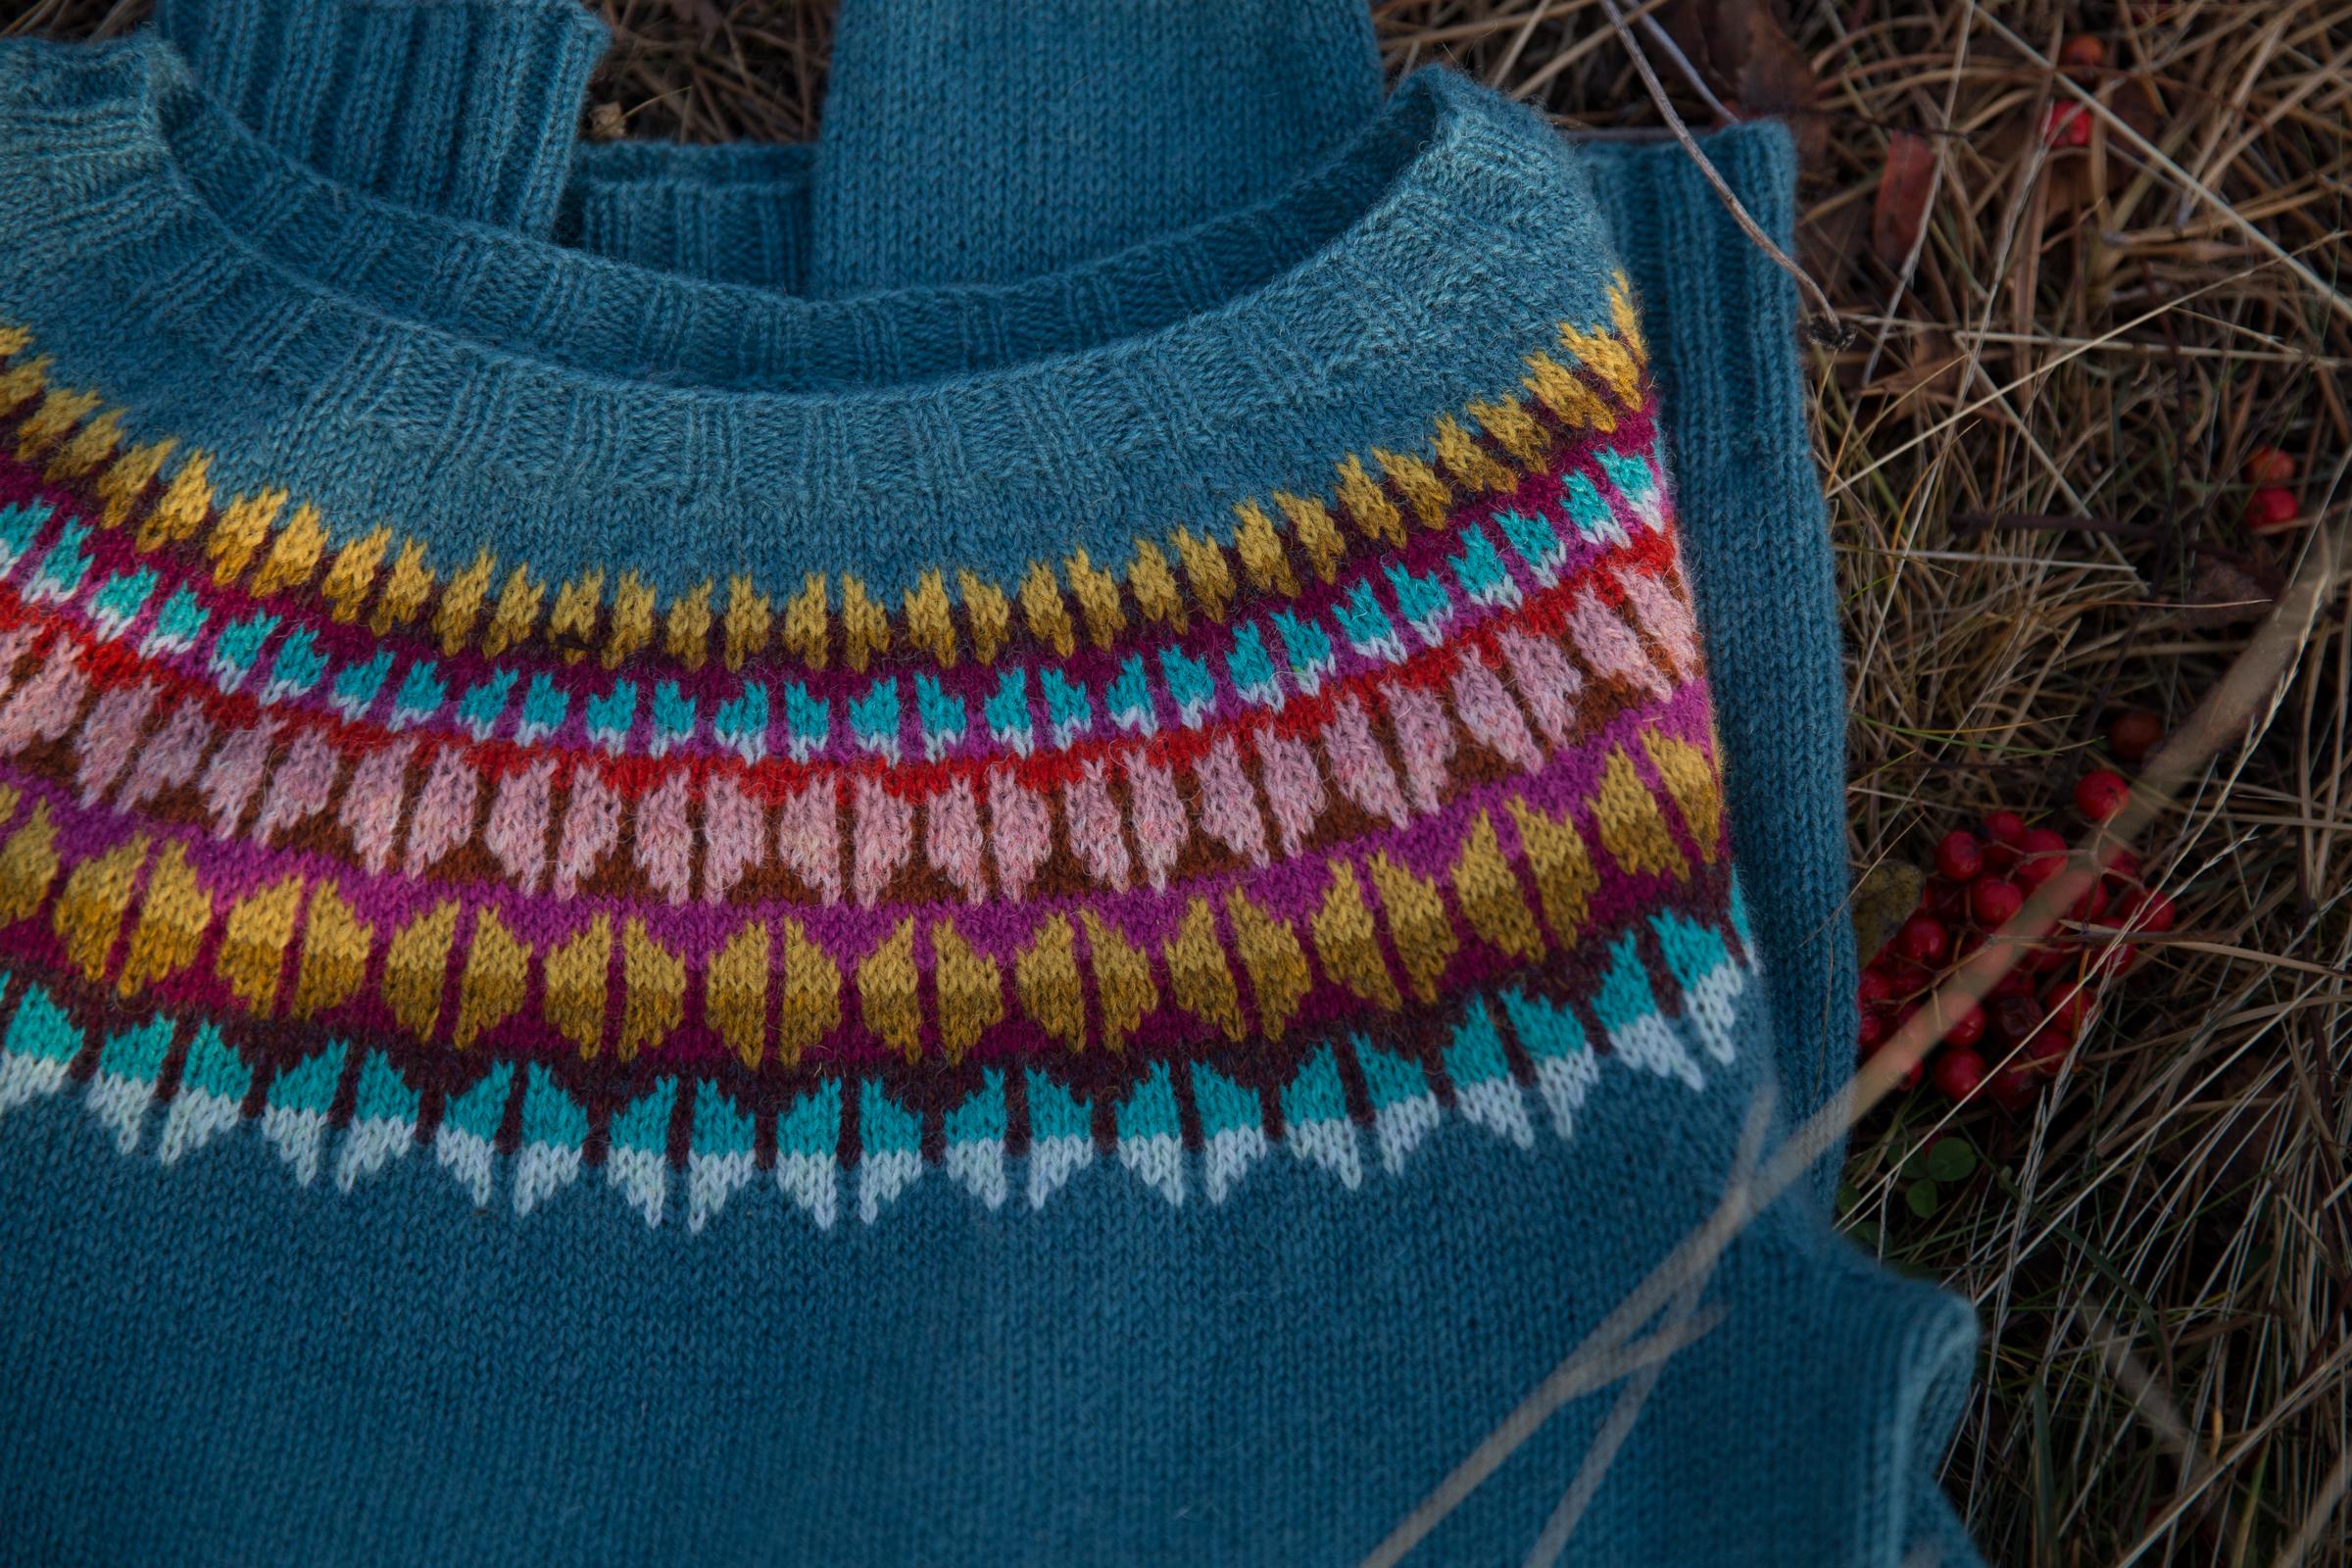 48a2da40b21 https   blog.tincanknits.com 2019 04 18 a-sweater-for-my-bestie  https ...